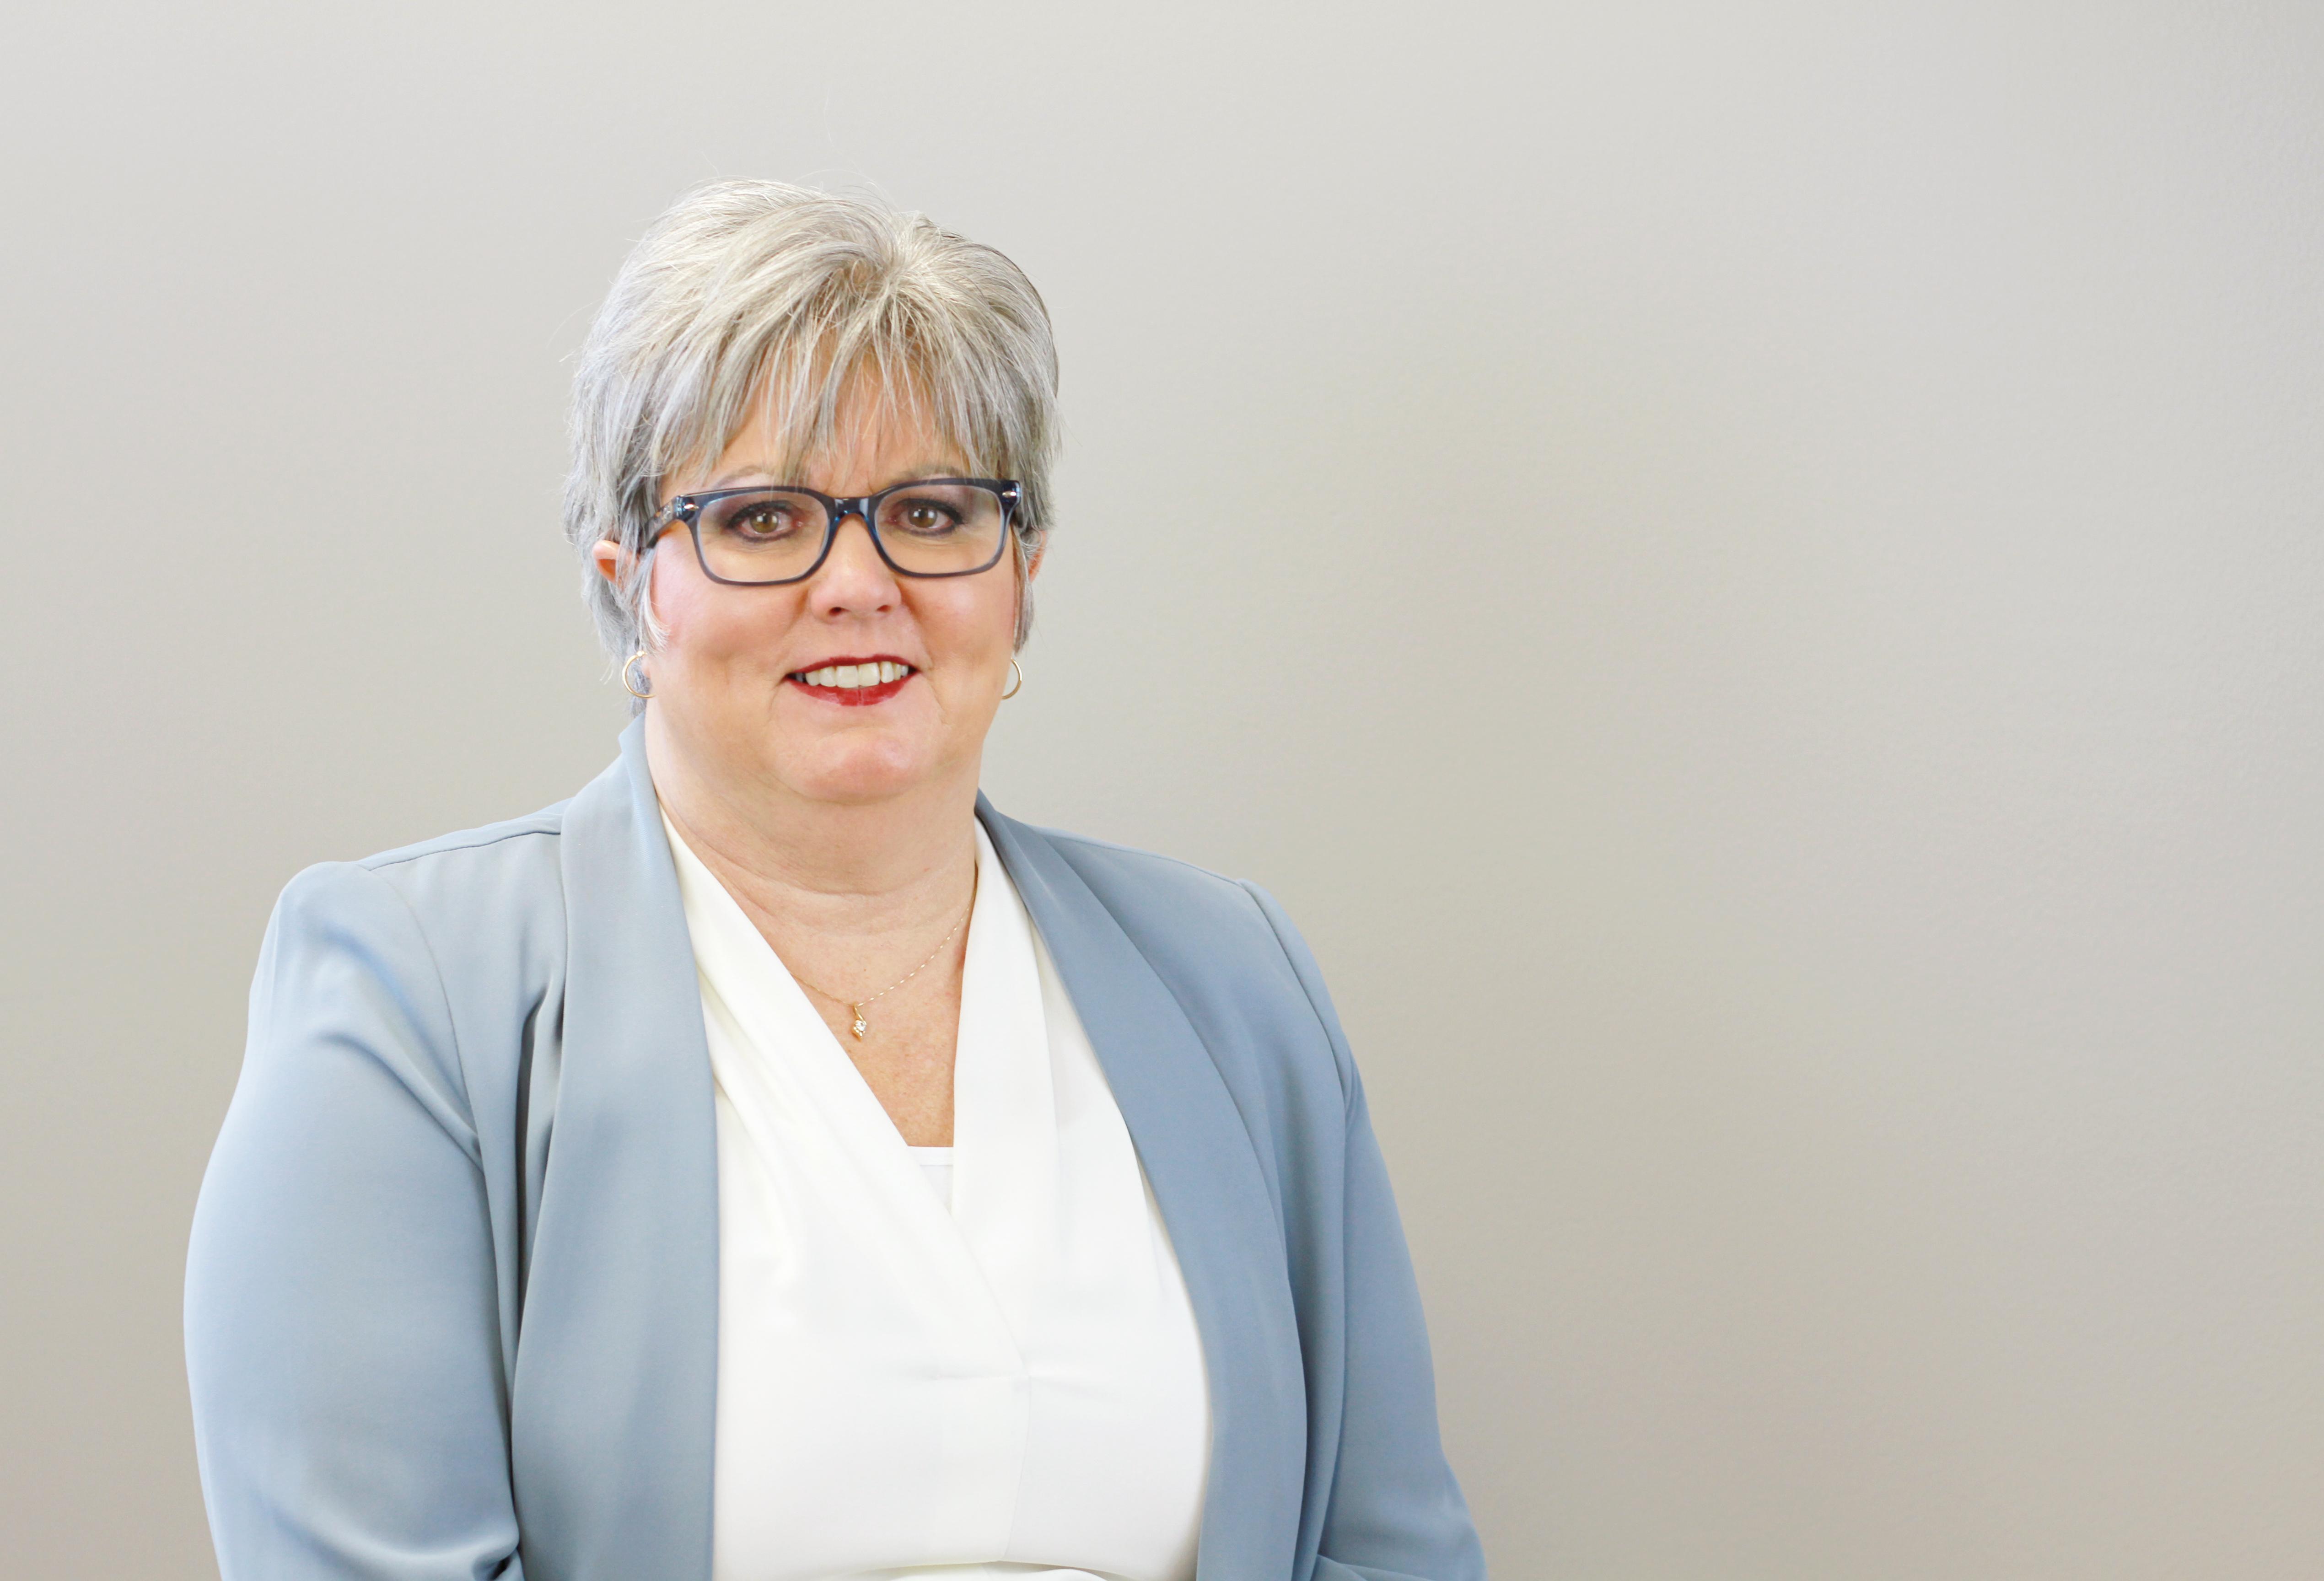 Barb Matousek - Administrative Assistant